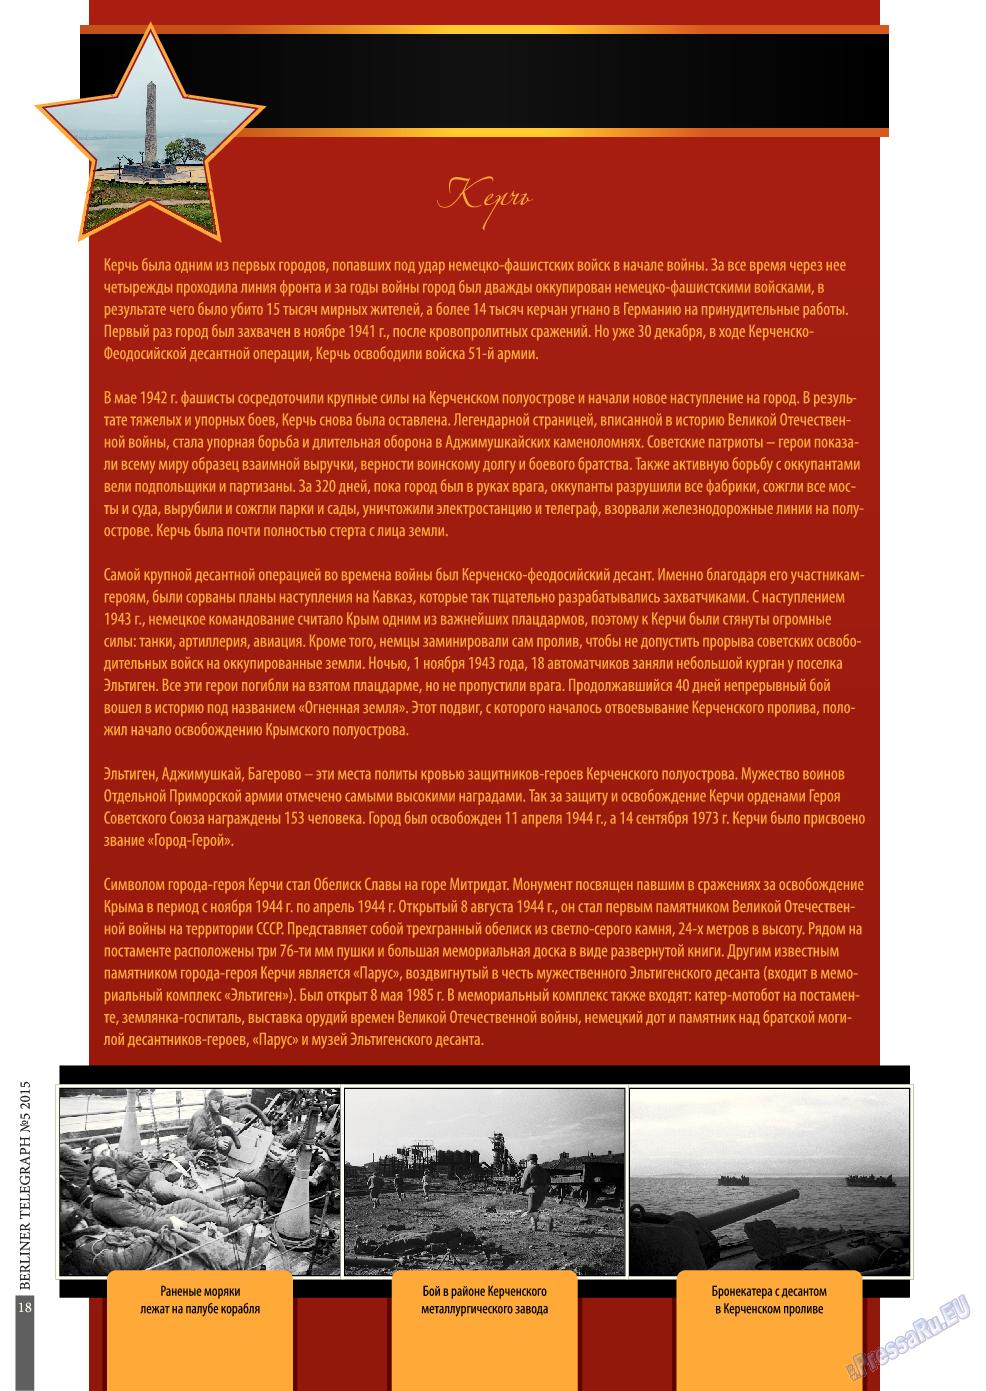 Берлинский телеграф (журнал). 2015 год, номер 5, стр. 18